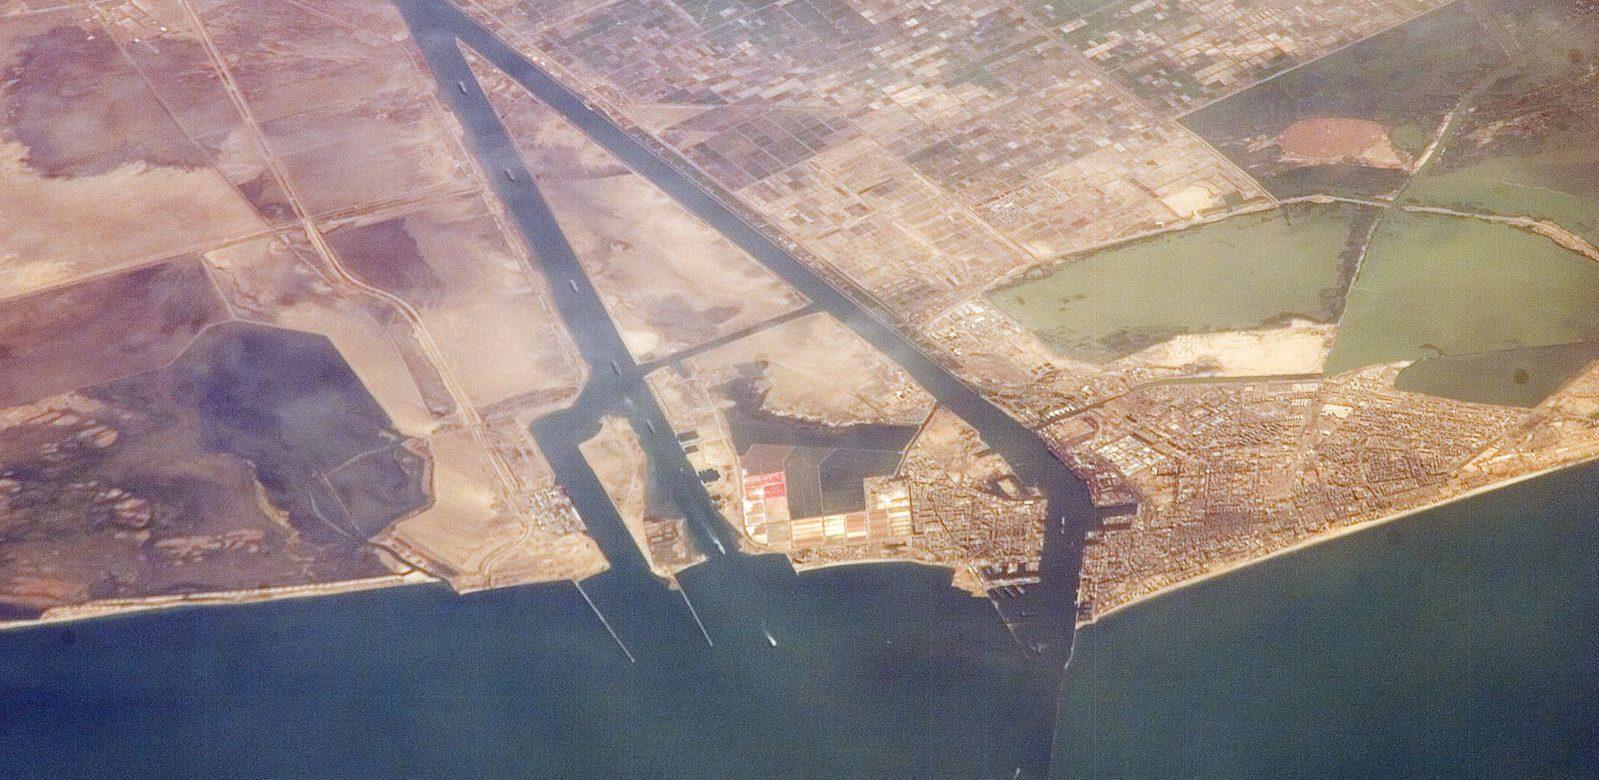 L'Égypte veut investir 1 milliard de dollars pour moderniser le canal de Suez